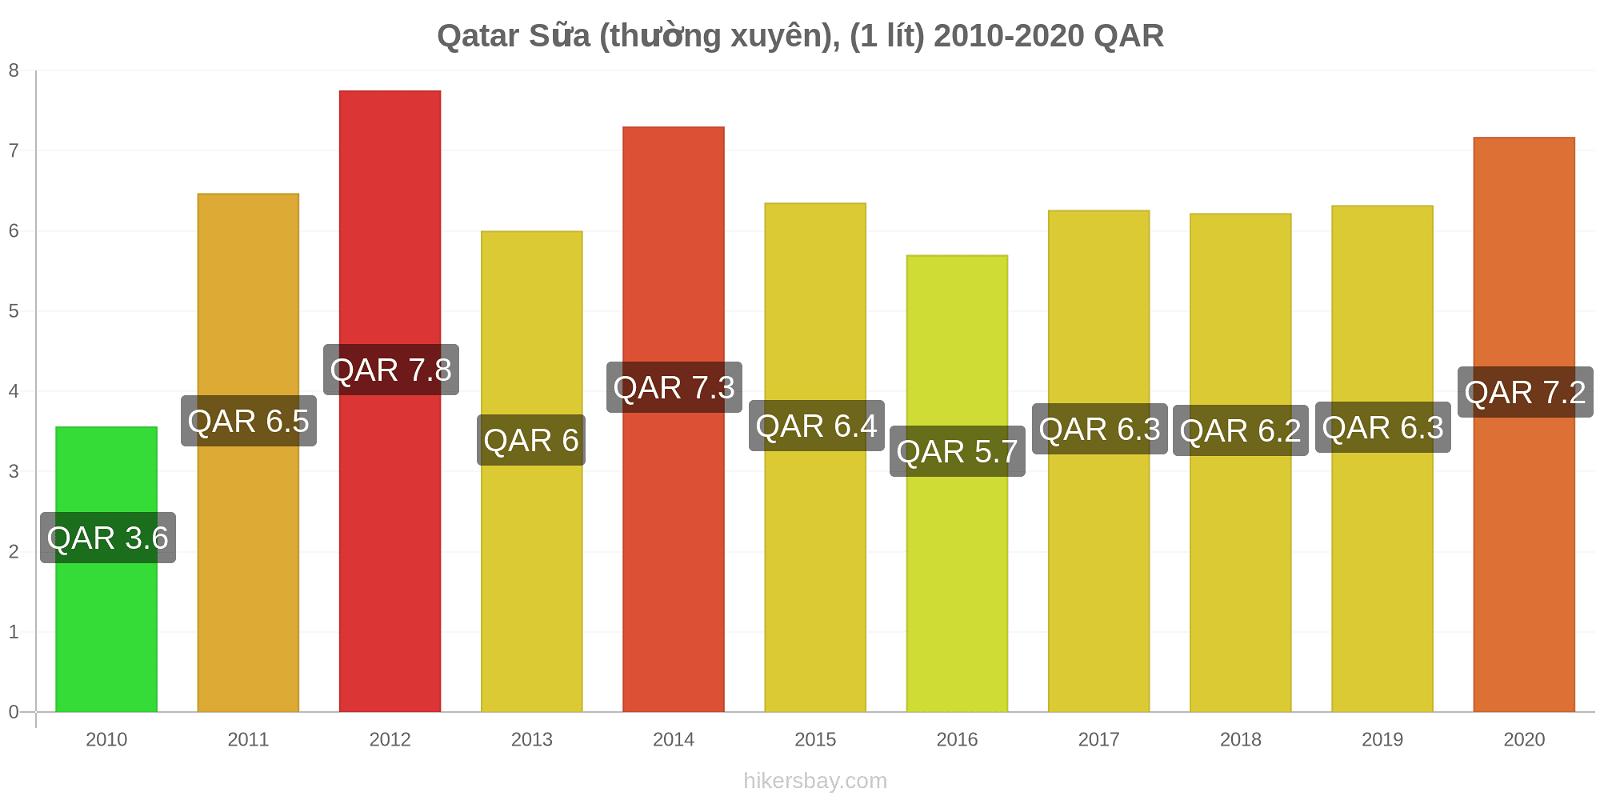 Qatar thay đổi giá Sữa (thường xuyên), (1 lít) hikersbay.com